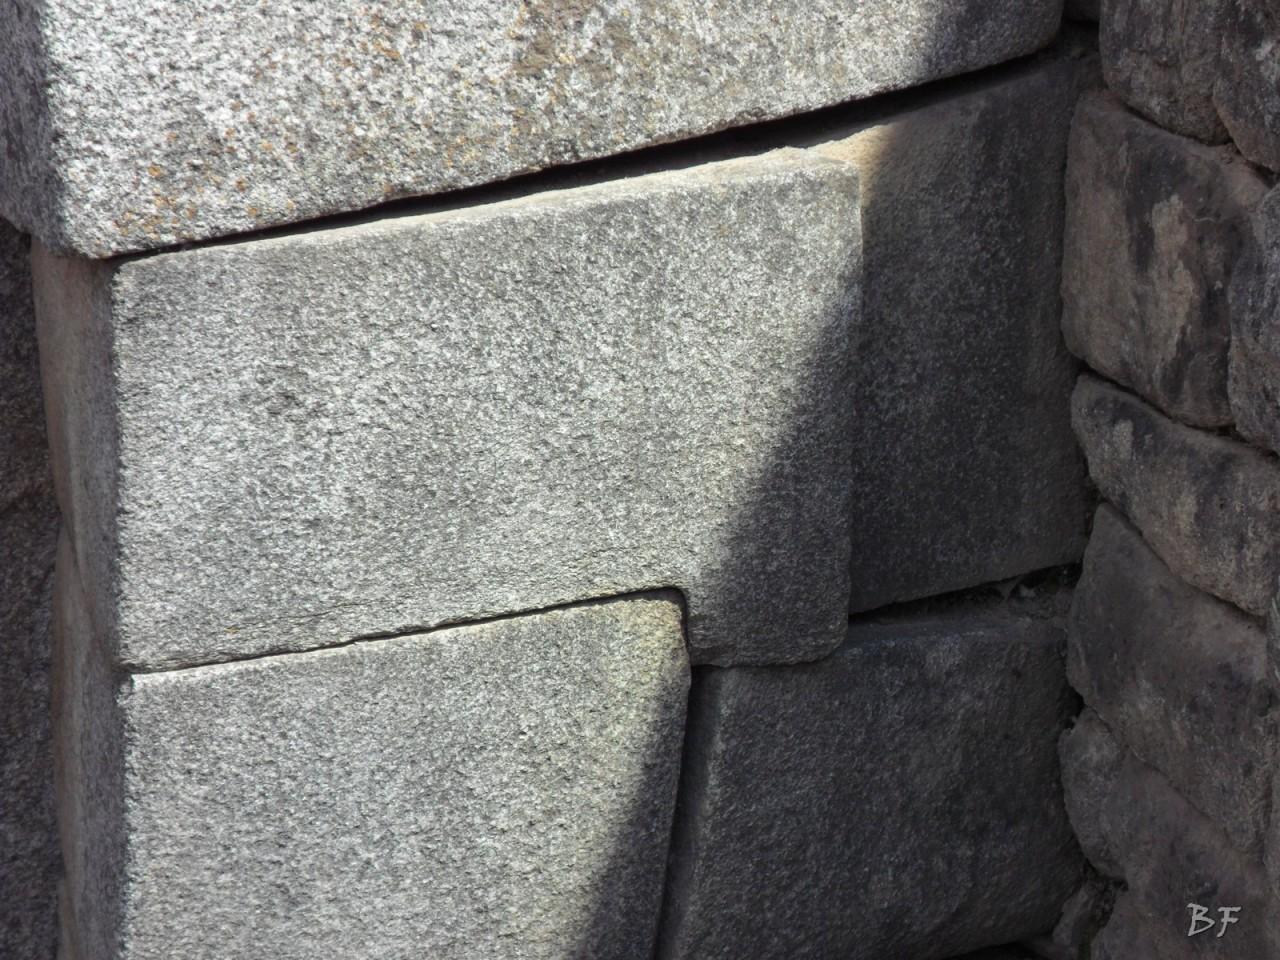 Mura-Poligonali-Incisioni-Altari-Edifici-Rupestri-Megaliti-Machu-Picchu-Aguas-Calientes-Urubamba-Cusco-Perù-2